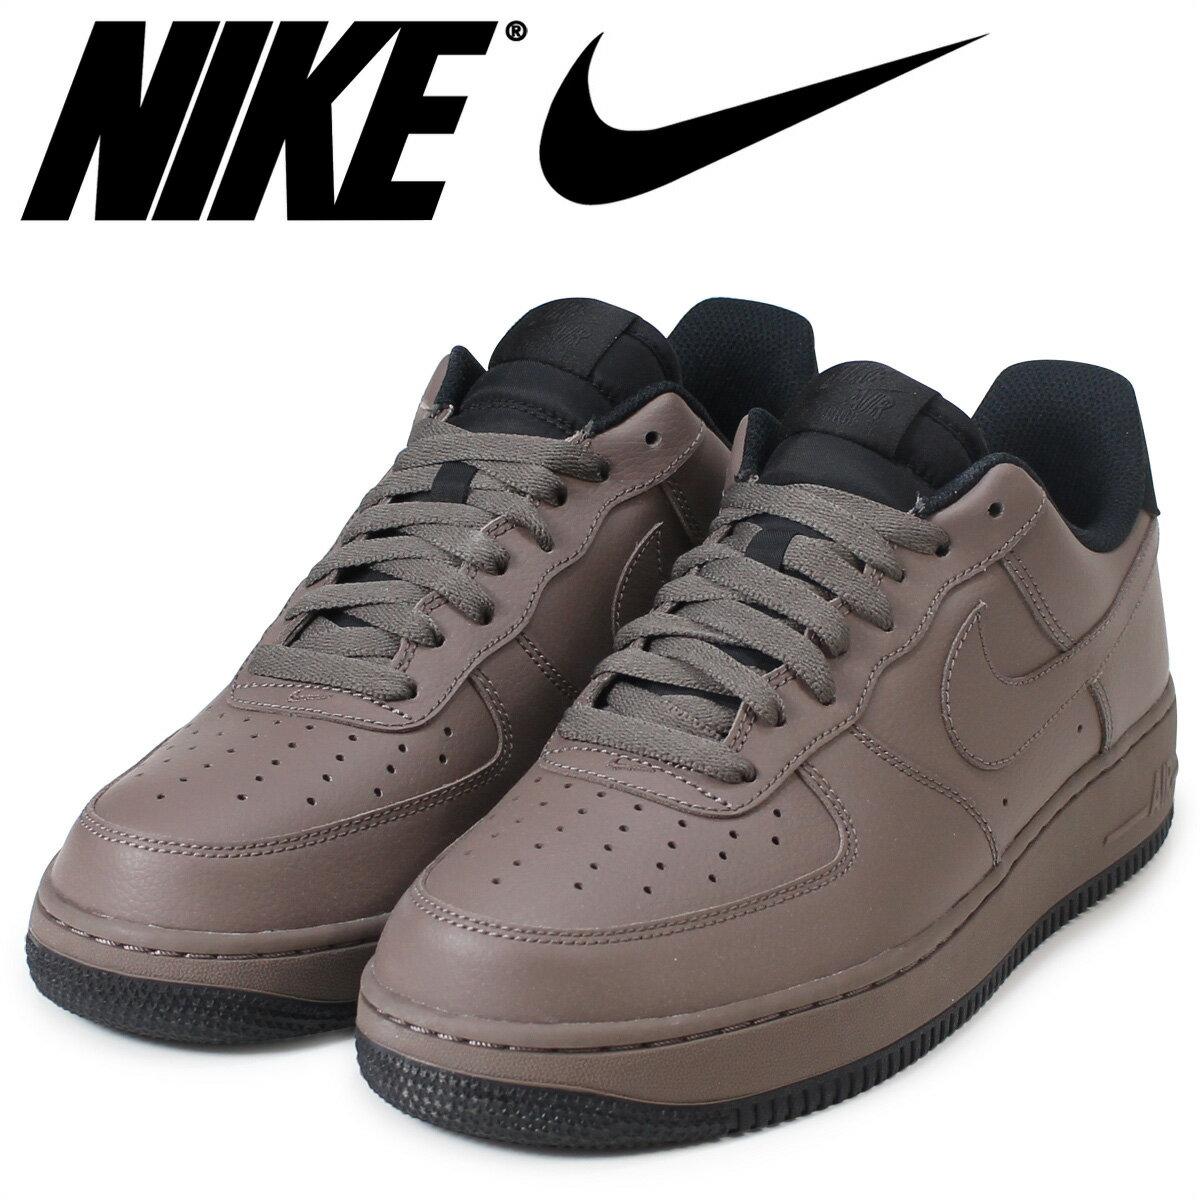 ナイキ NIKE エアフォース1 スニーカー AIR FORCE 1 LOW 07 LV8 315122-213 メンズ 靴